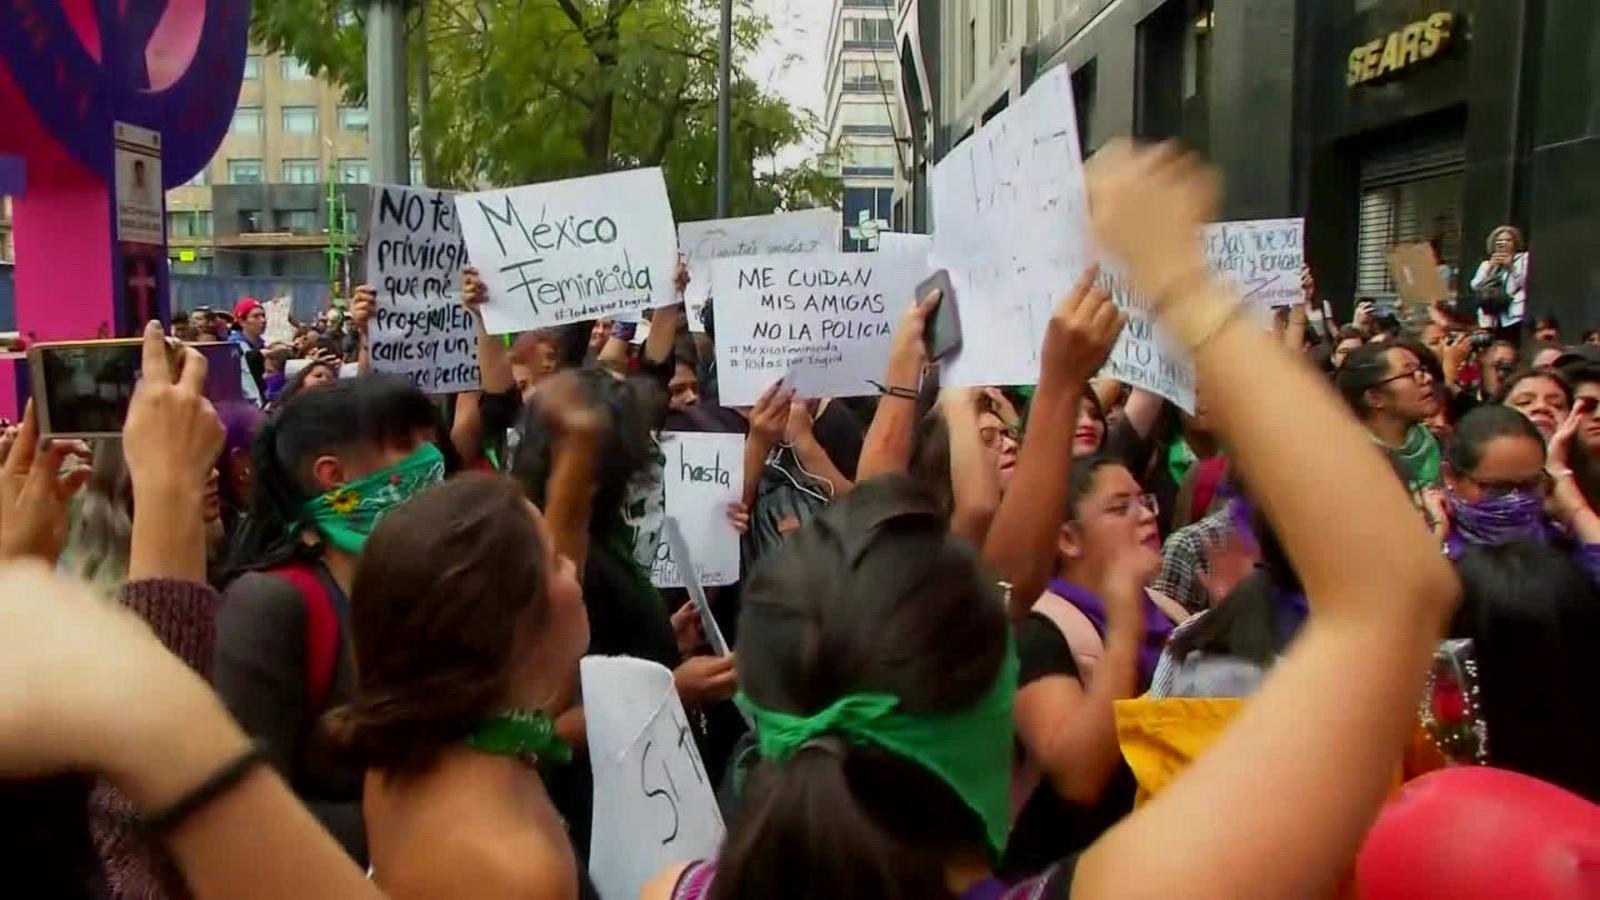 México: Mujeres van a paro nacional tras eliminación de ayudas sociales para mujeres y niñas